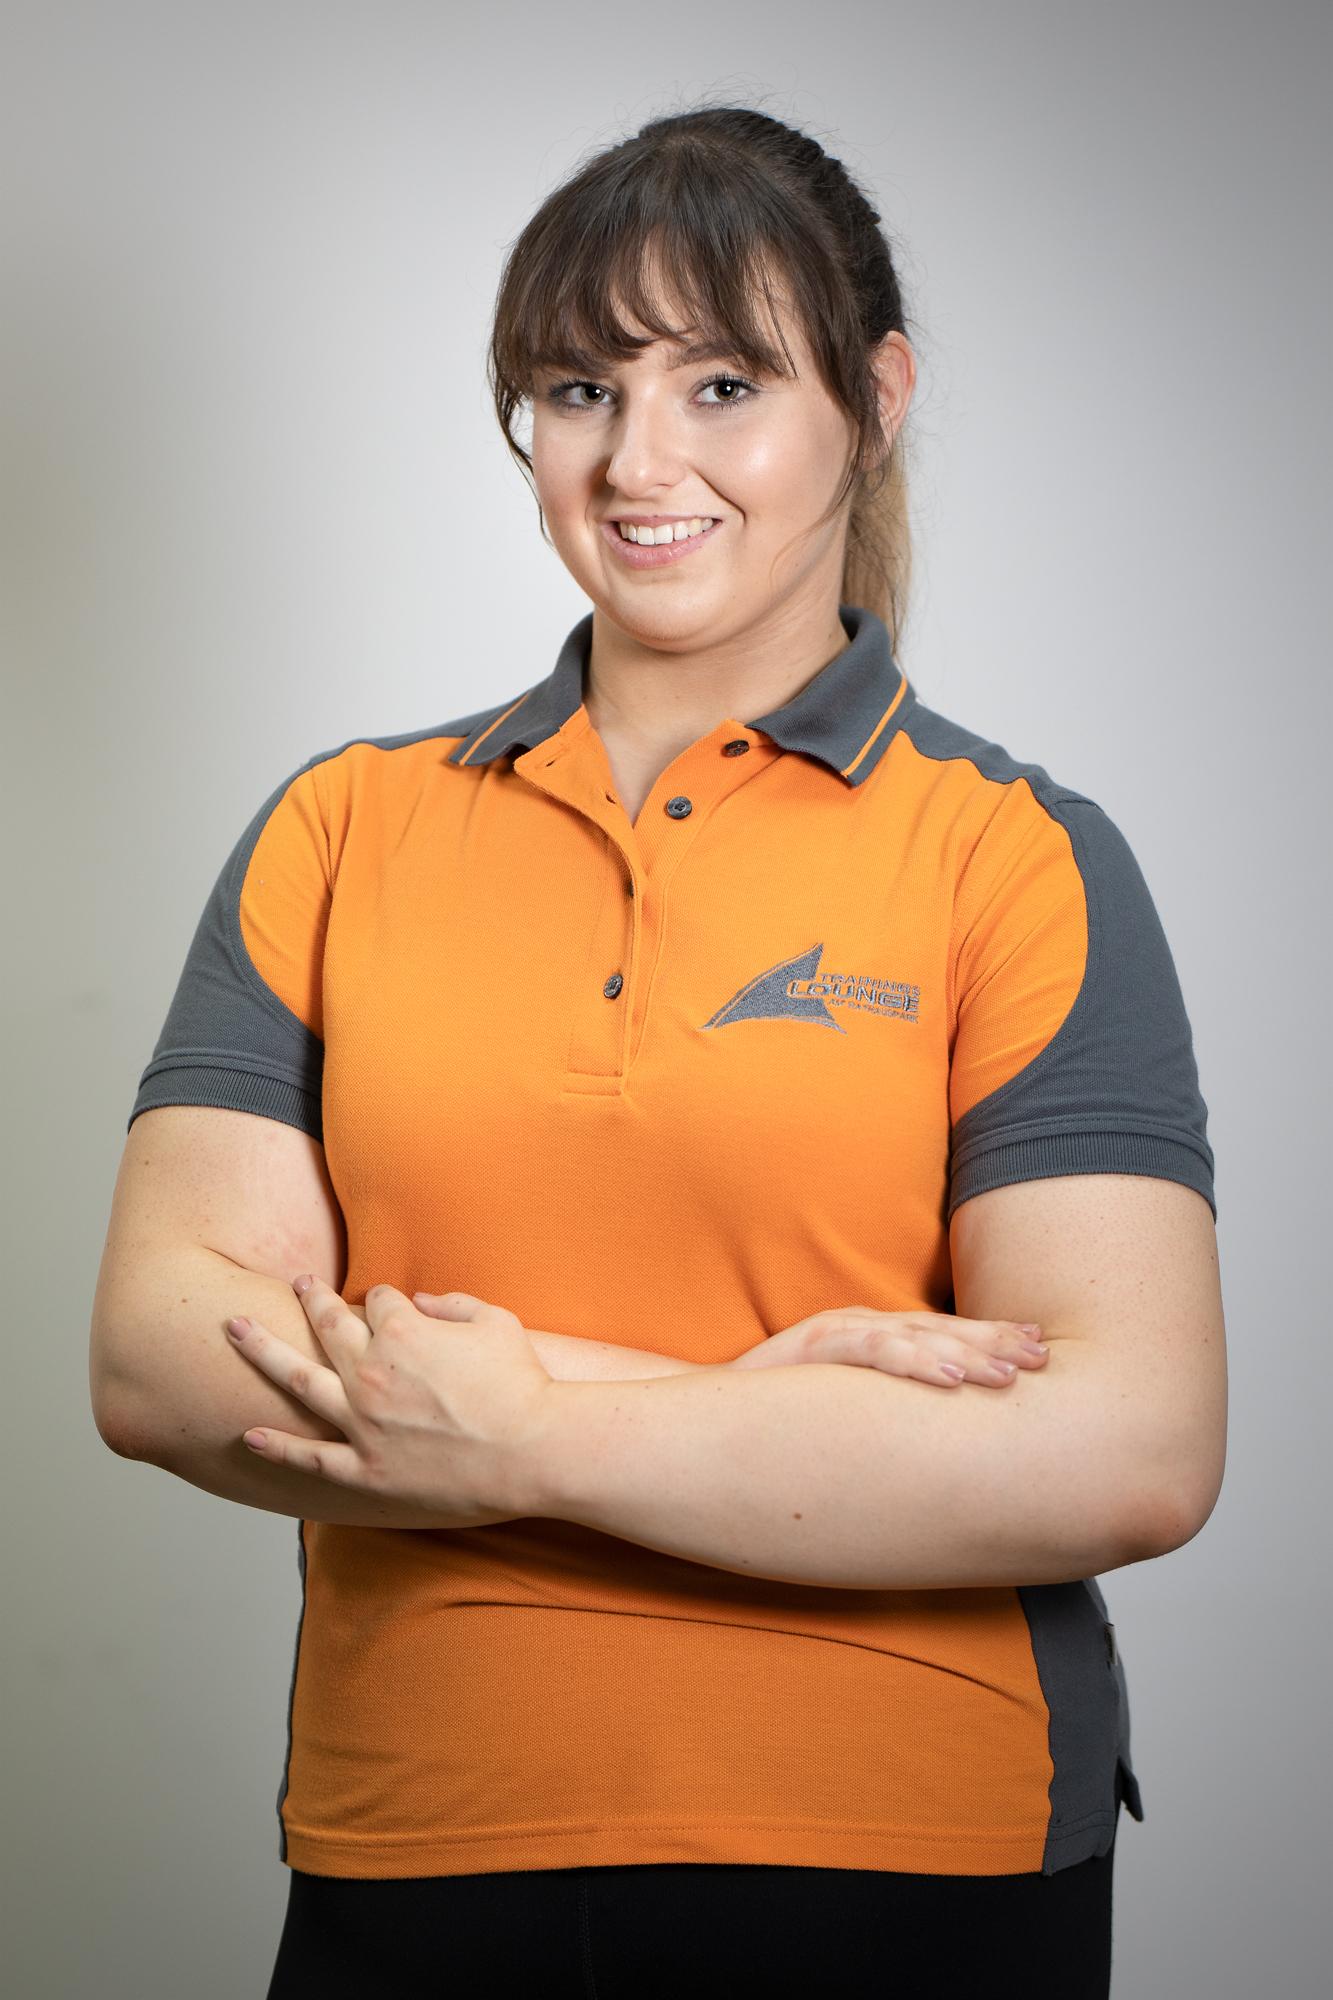 Sarah-Datteln-kl